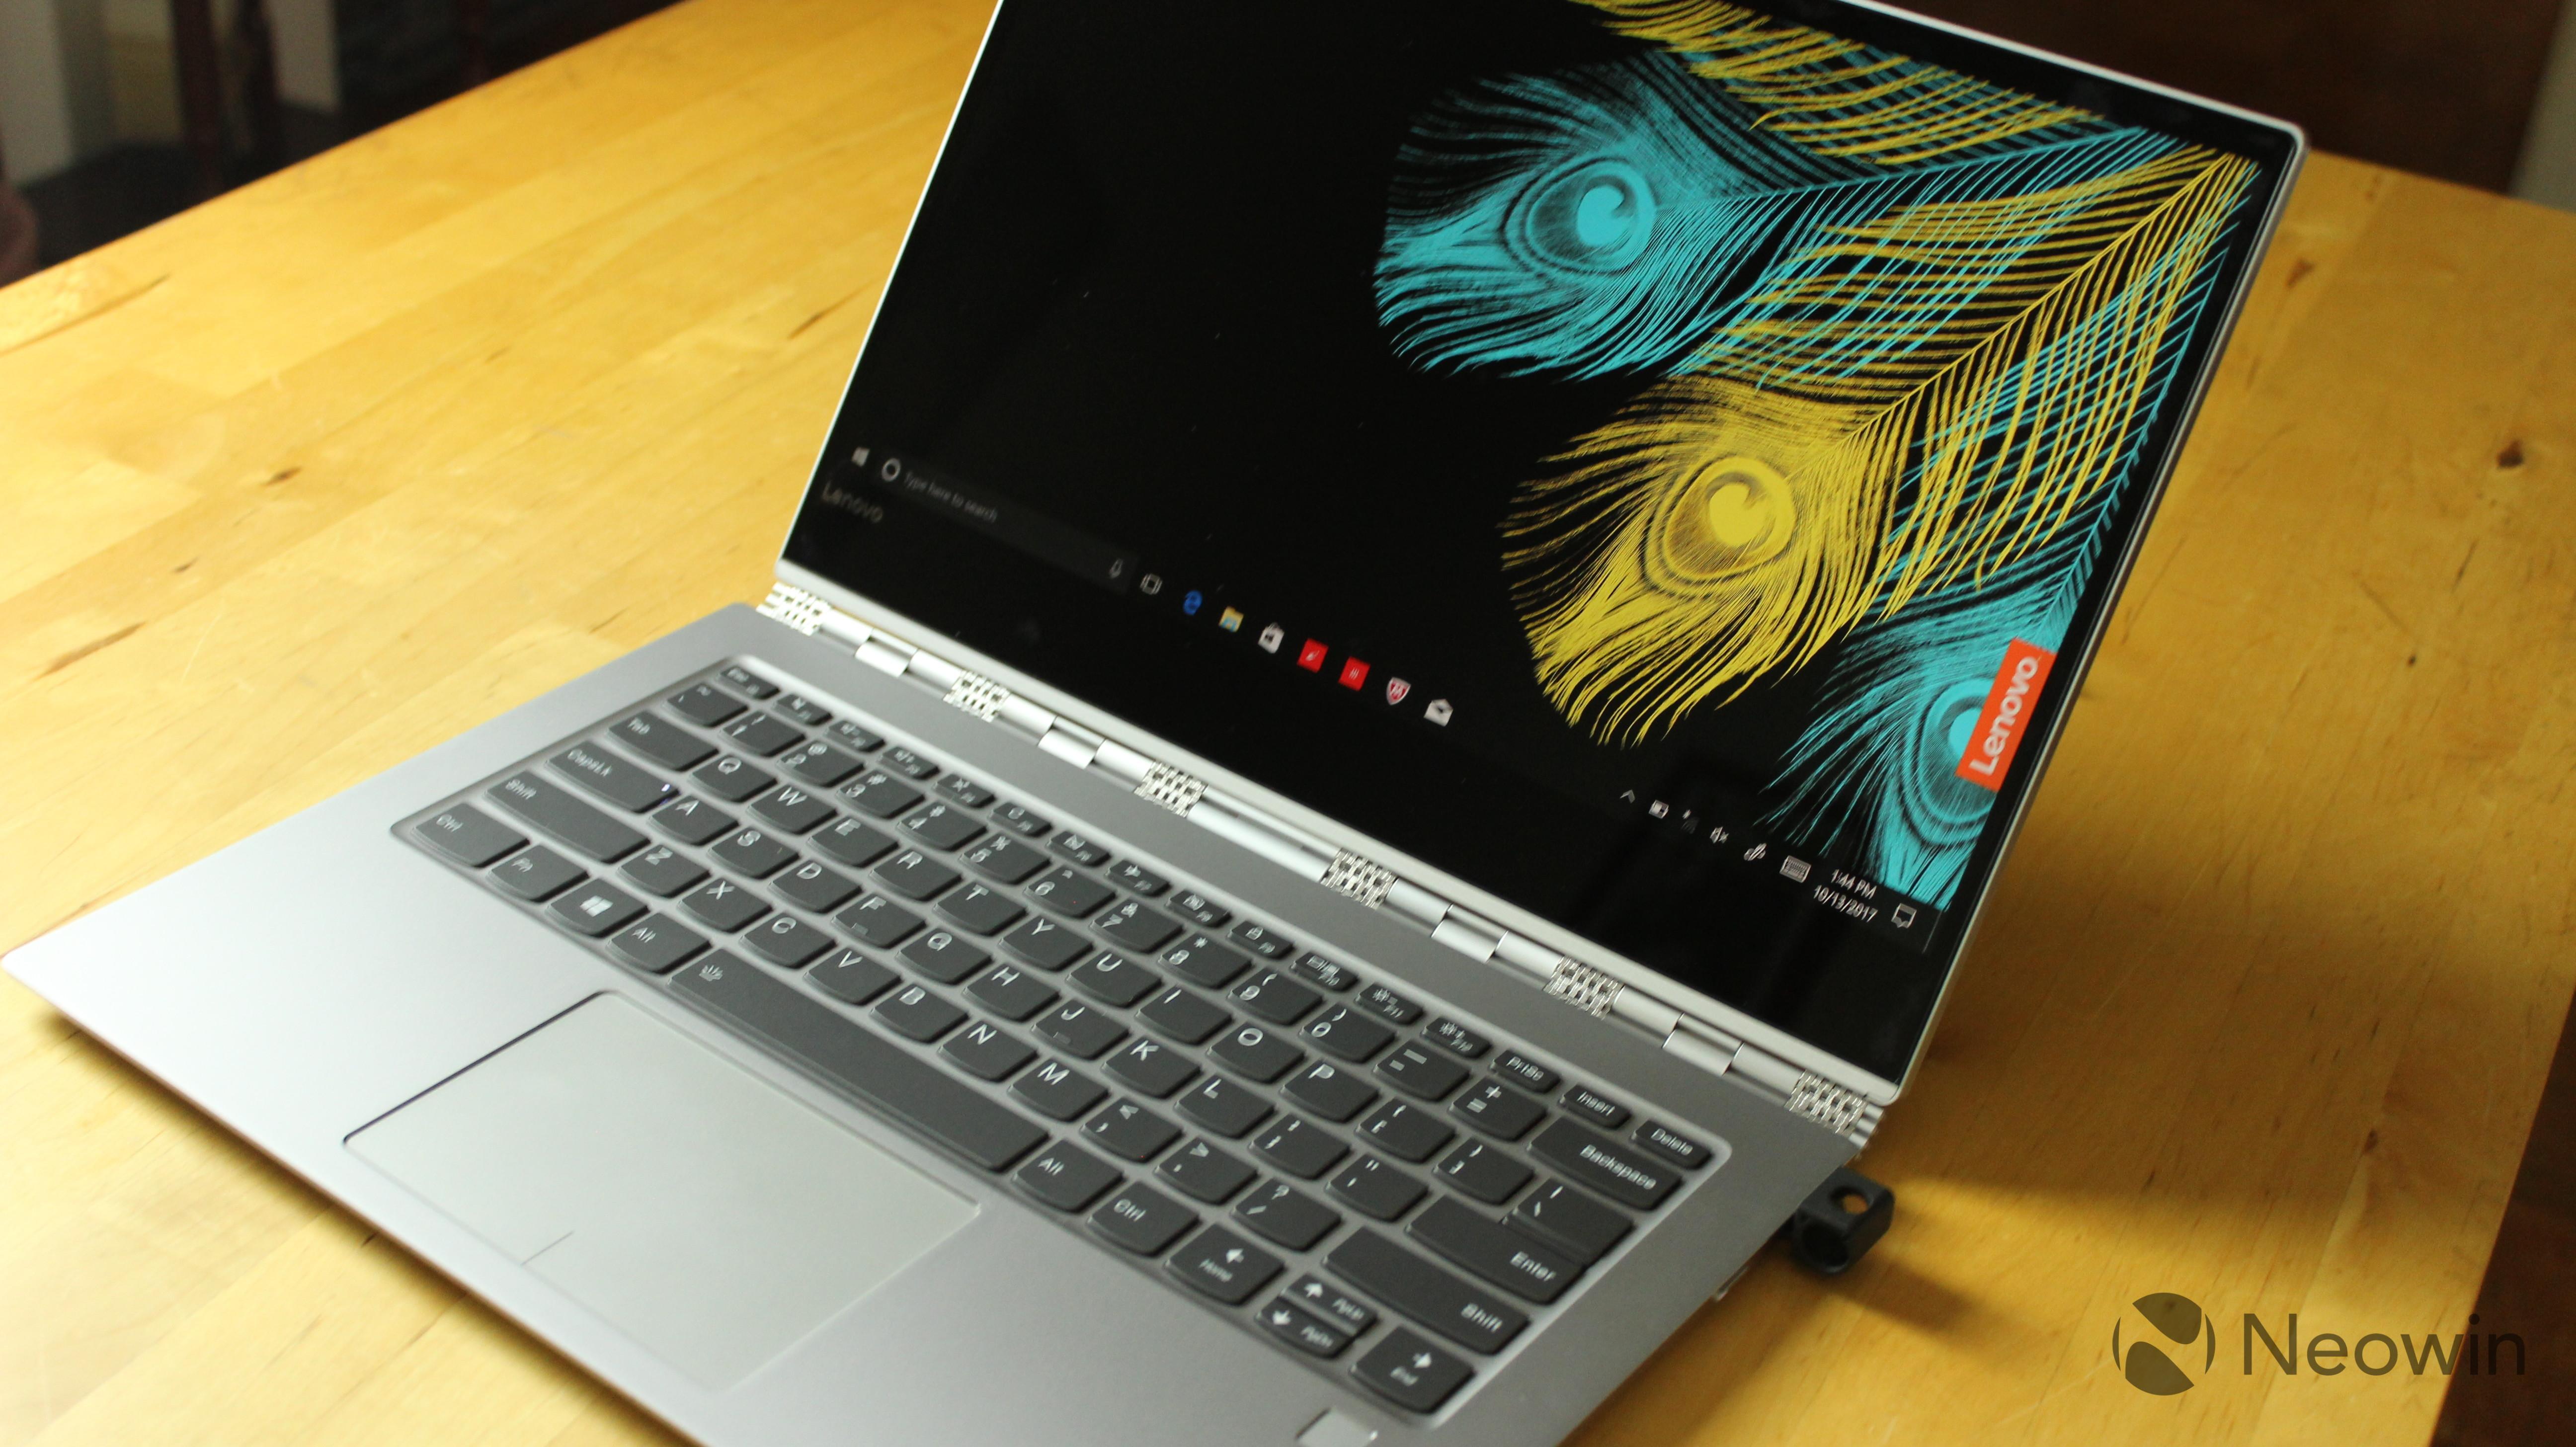 Lenovo Yoga 920 review: A powerful, premium consumer